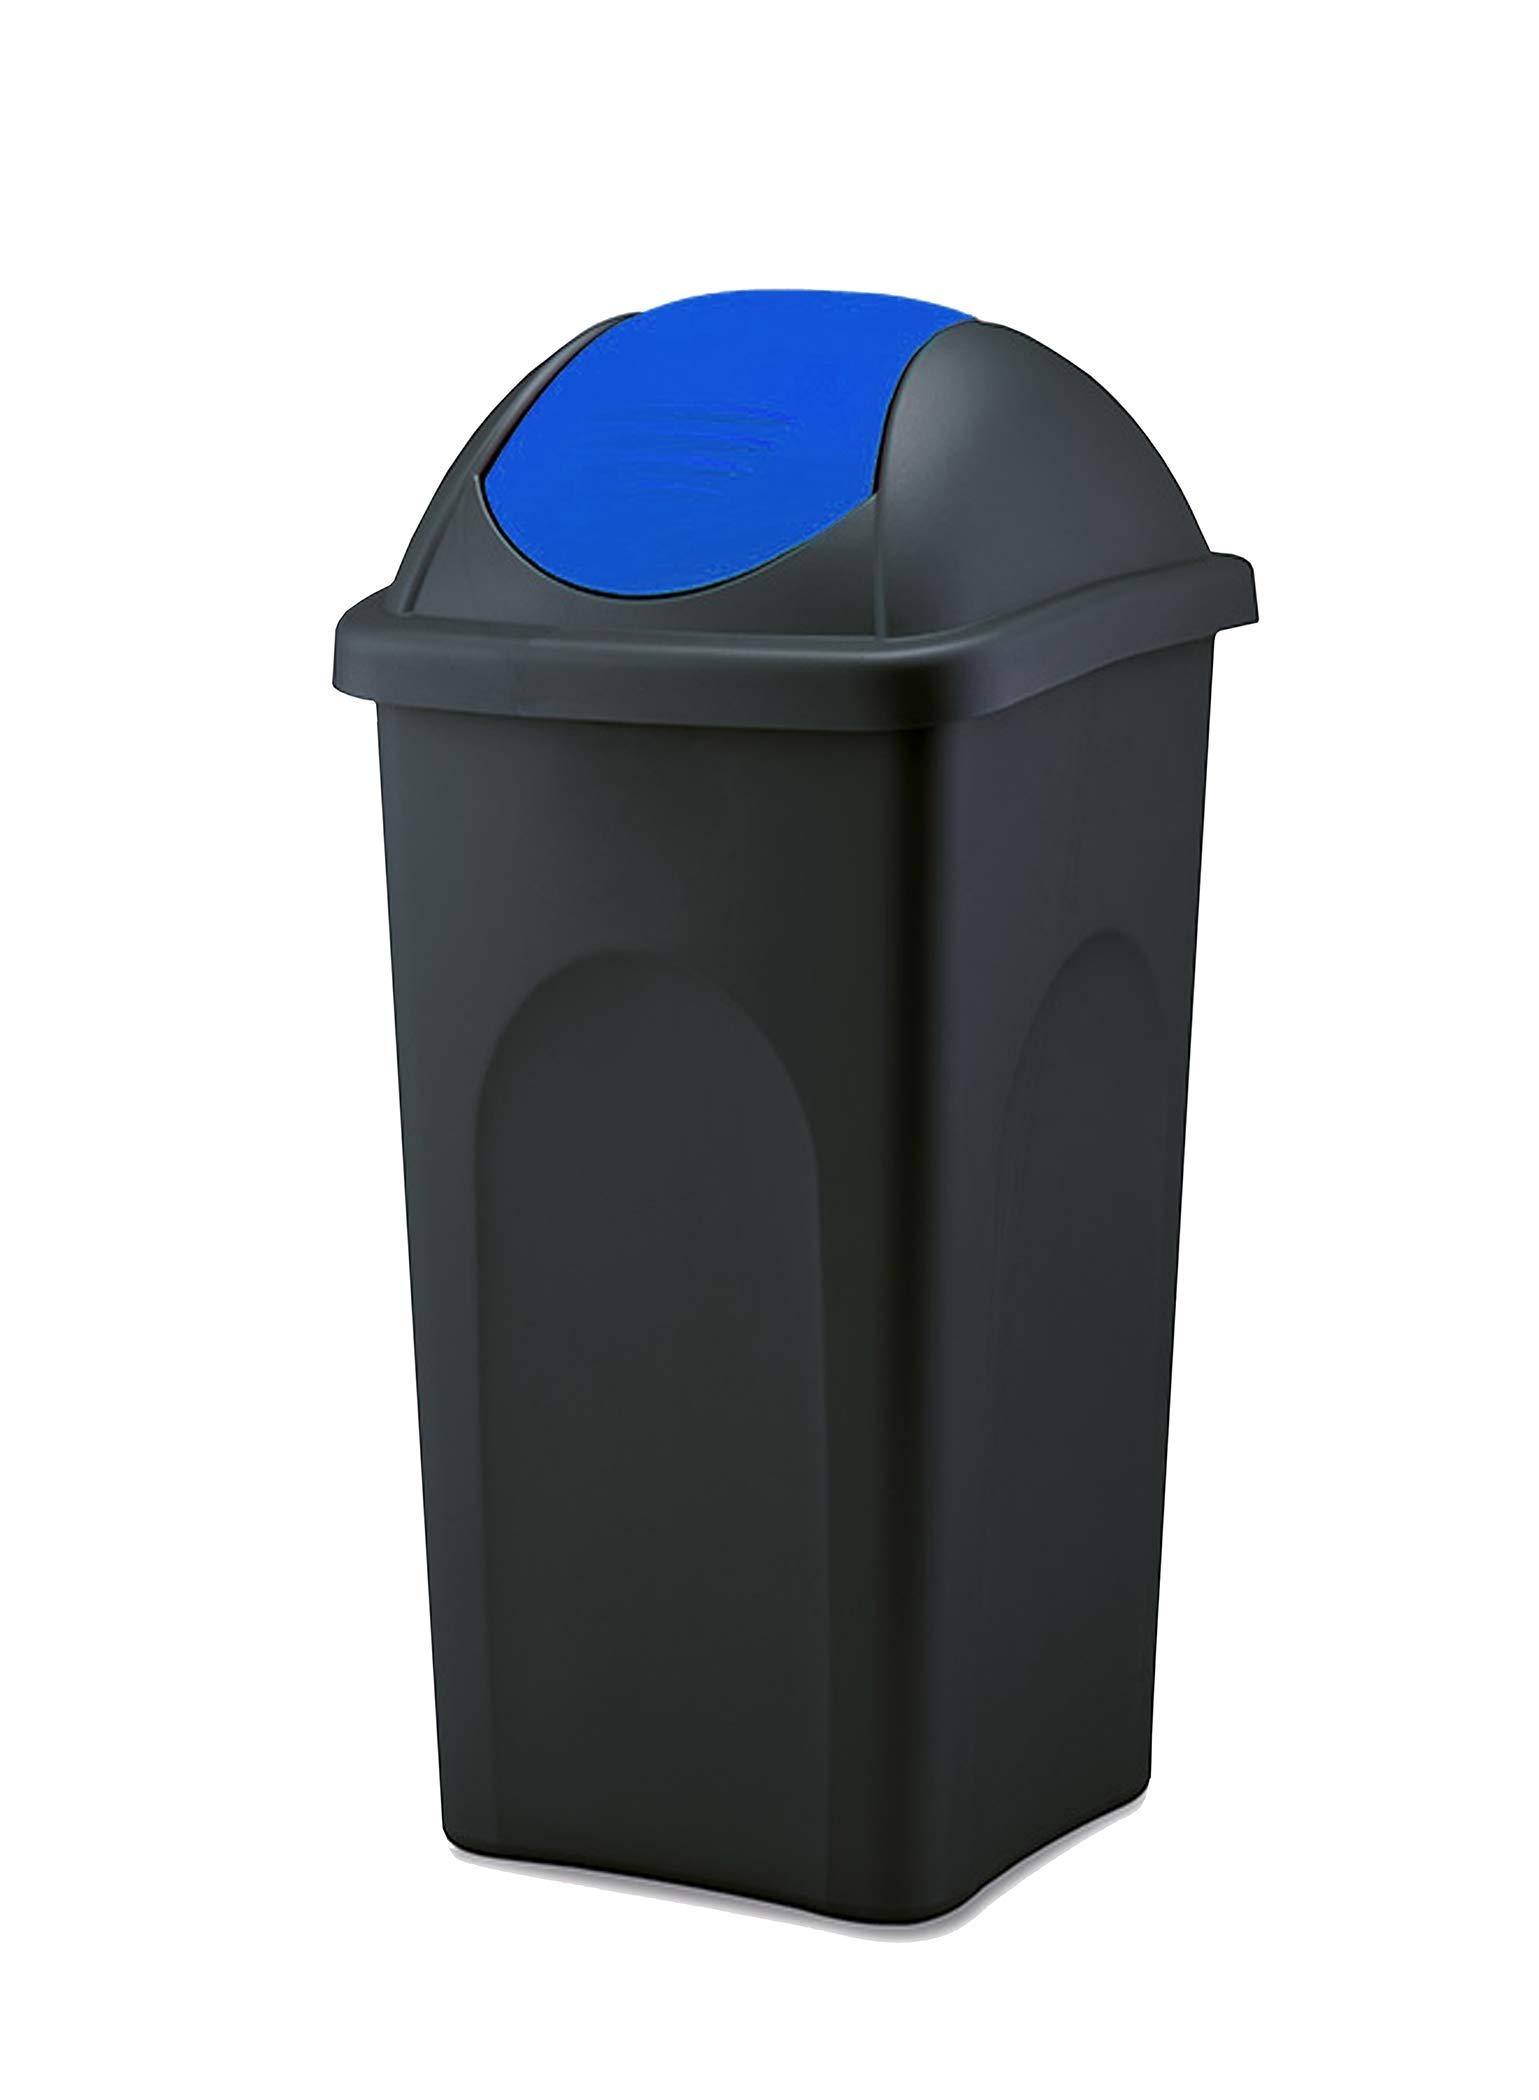 BigDean Mülleimer 19 L groß - schwarz mit blauem Schwingdeckel